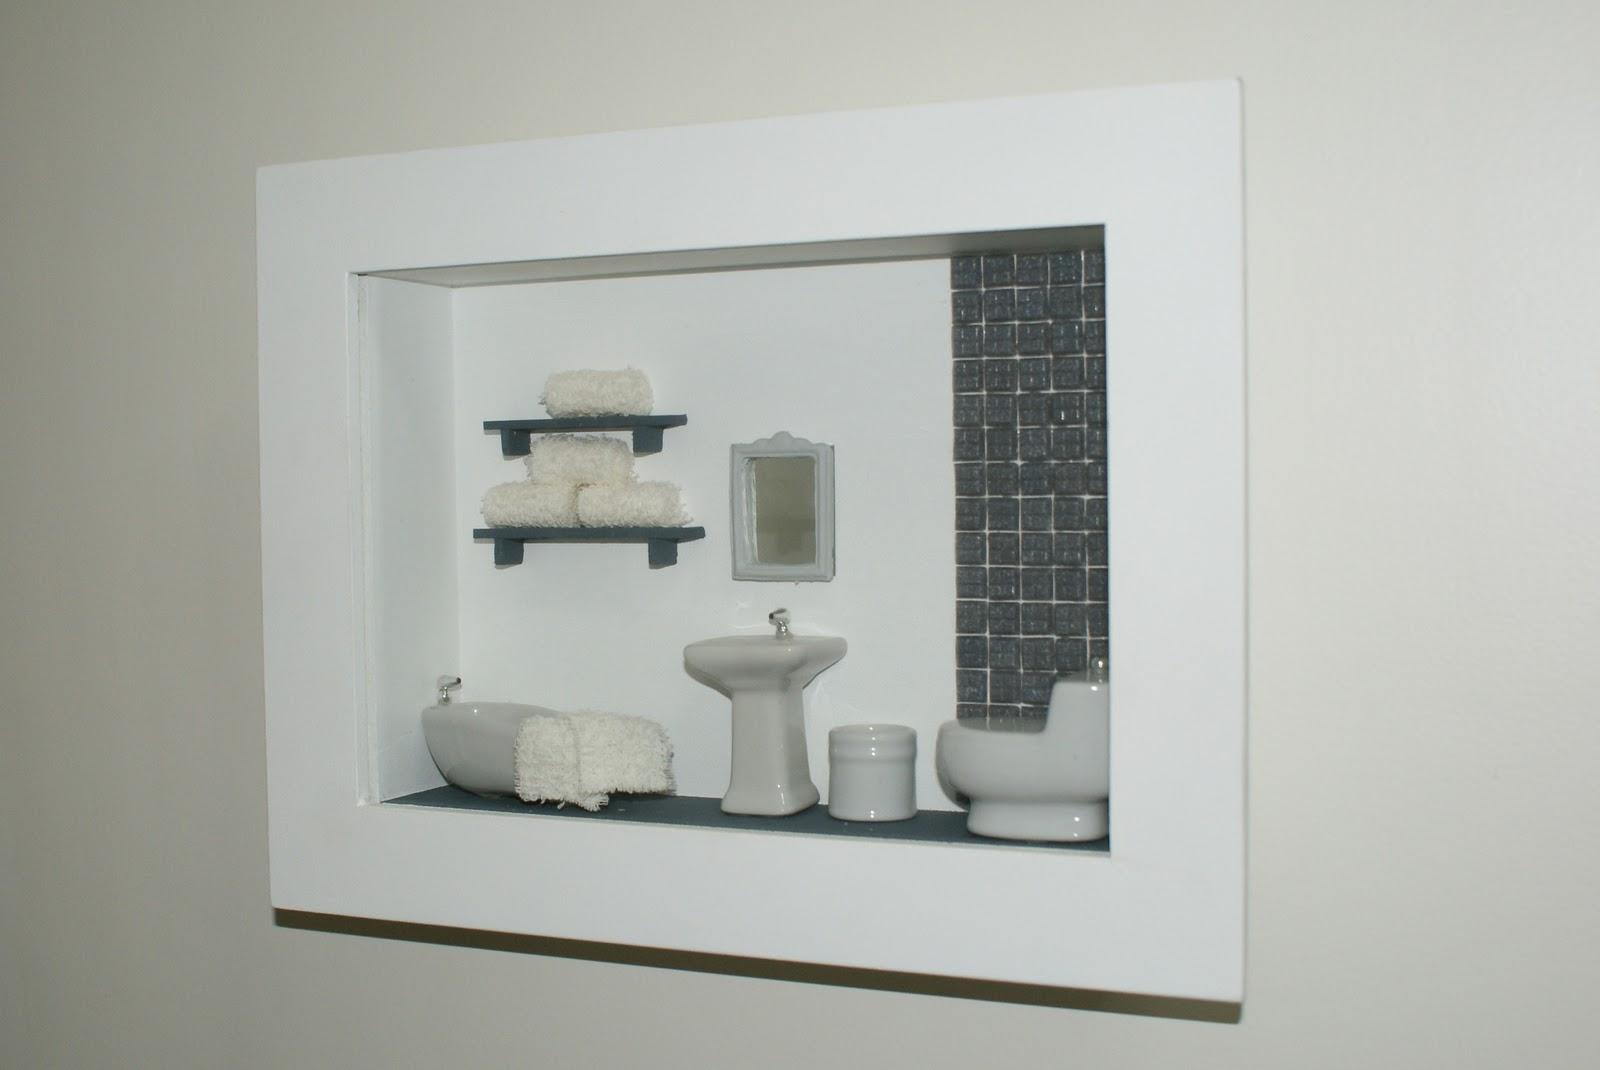 Sonho de Caixa Presentes de Madeira: Quadro para porta de banheiro  #59513D 1600 1070